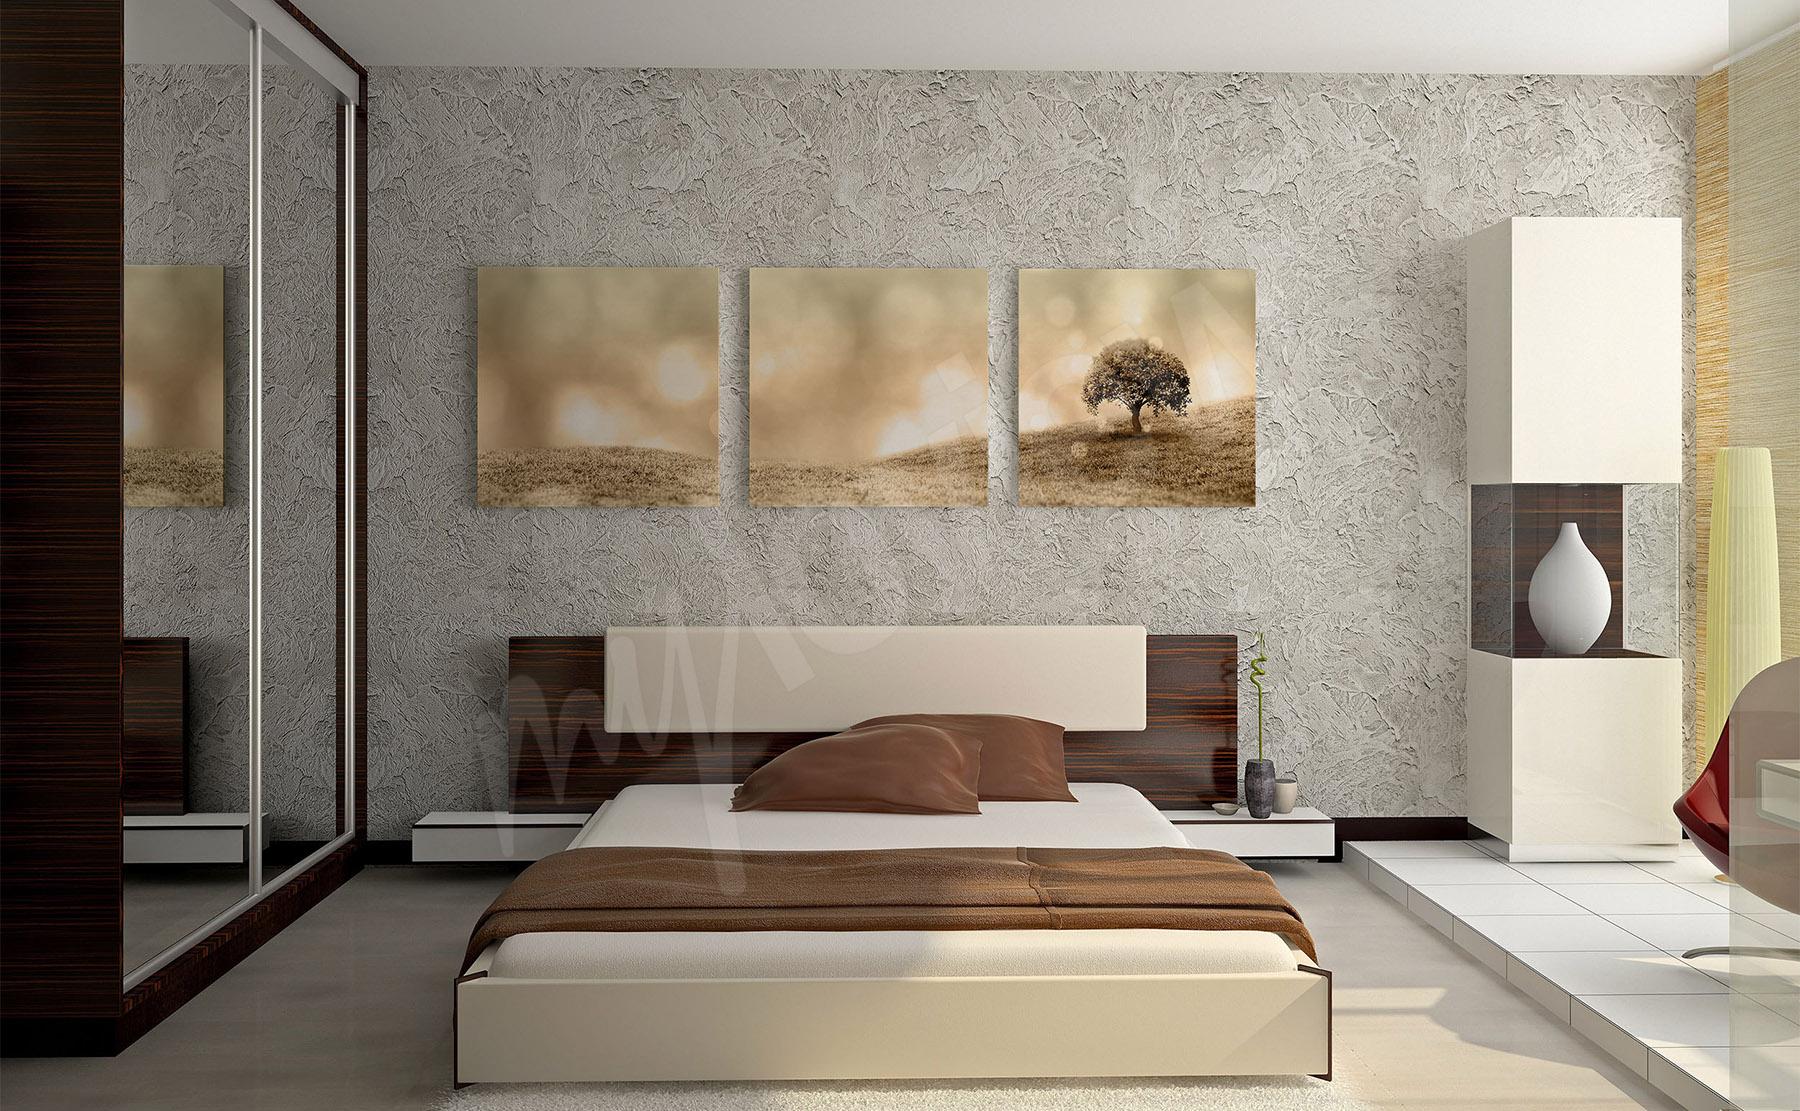 Bilder Schlafzimmer • größe der wand   myloview.de